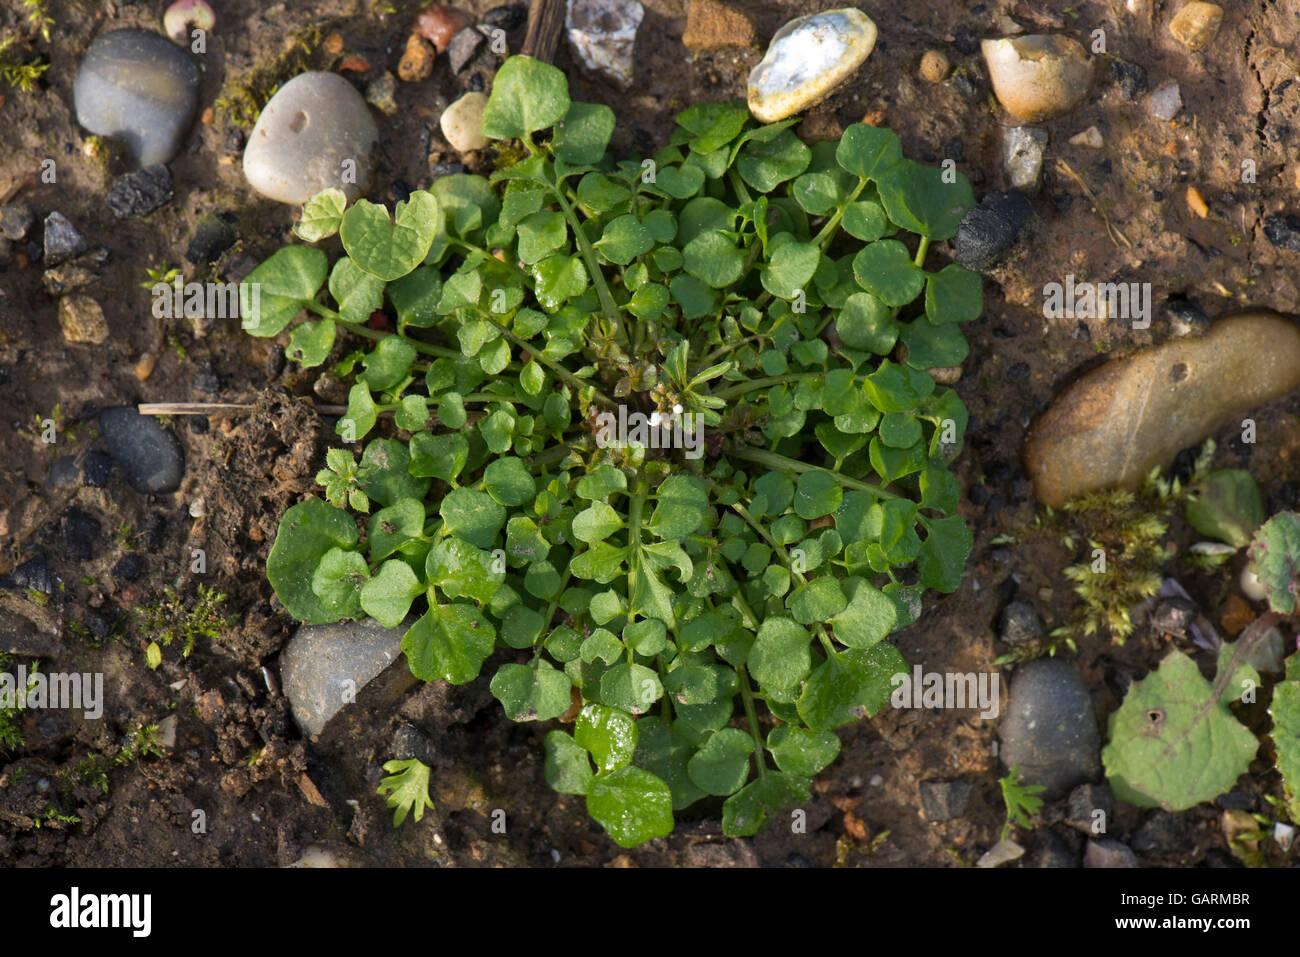 Der Garten Im Februar eine behaarte schaumkraut cardamine hirsuta pflanze grundrosette